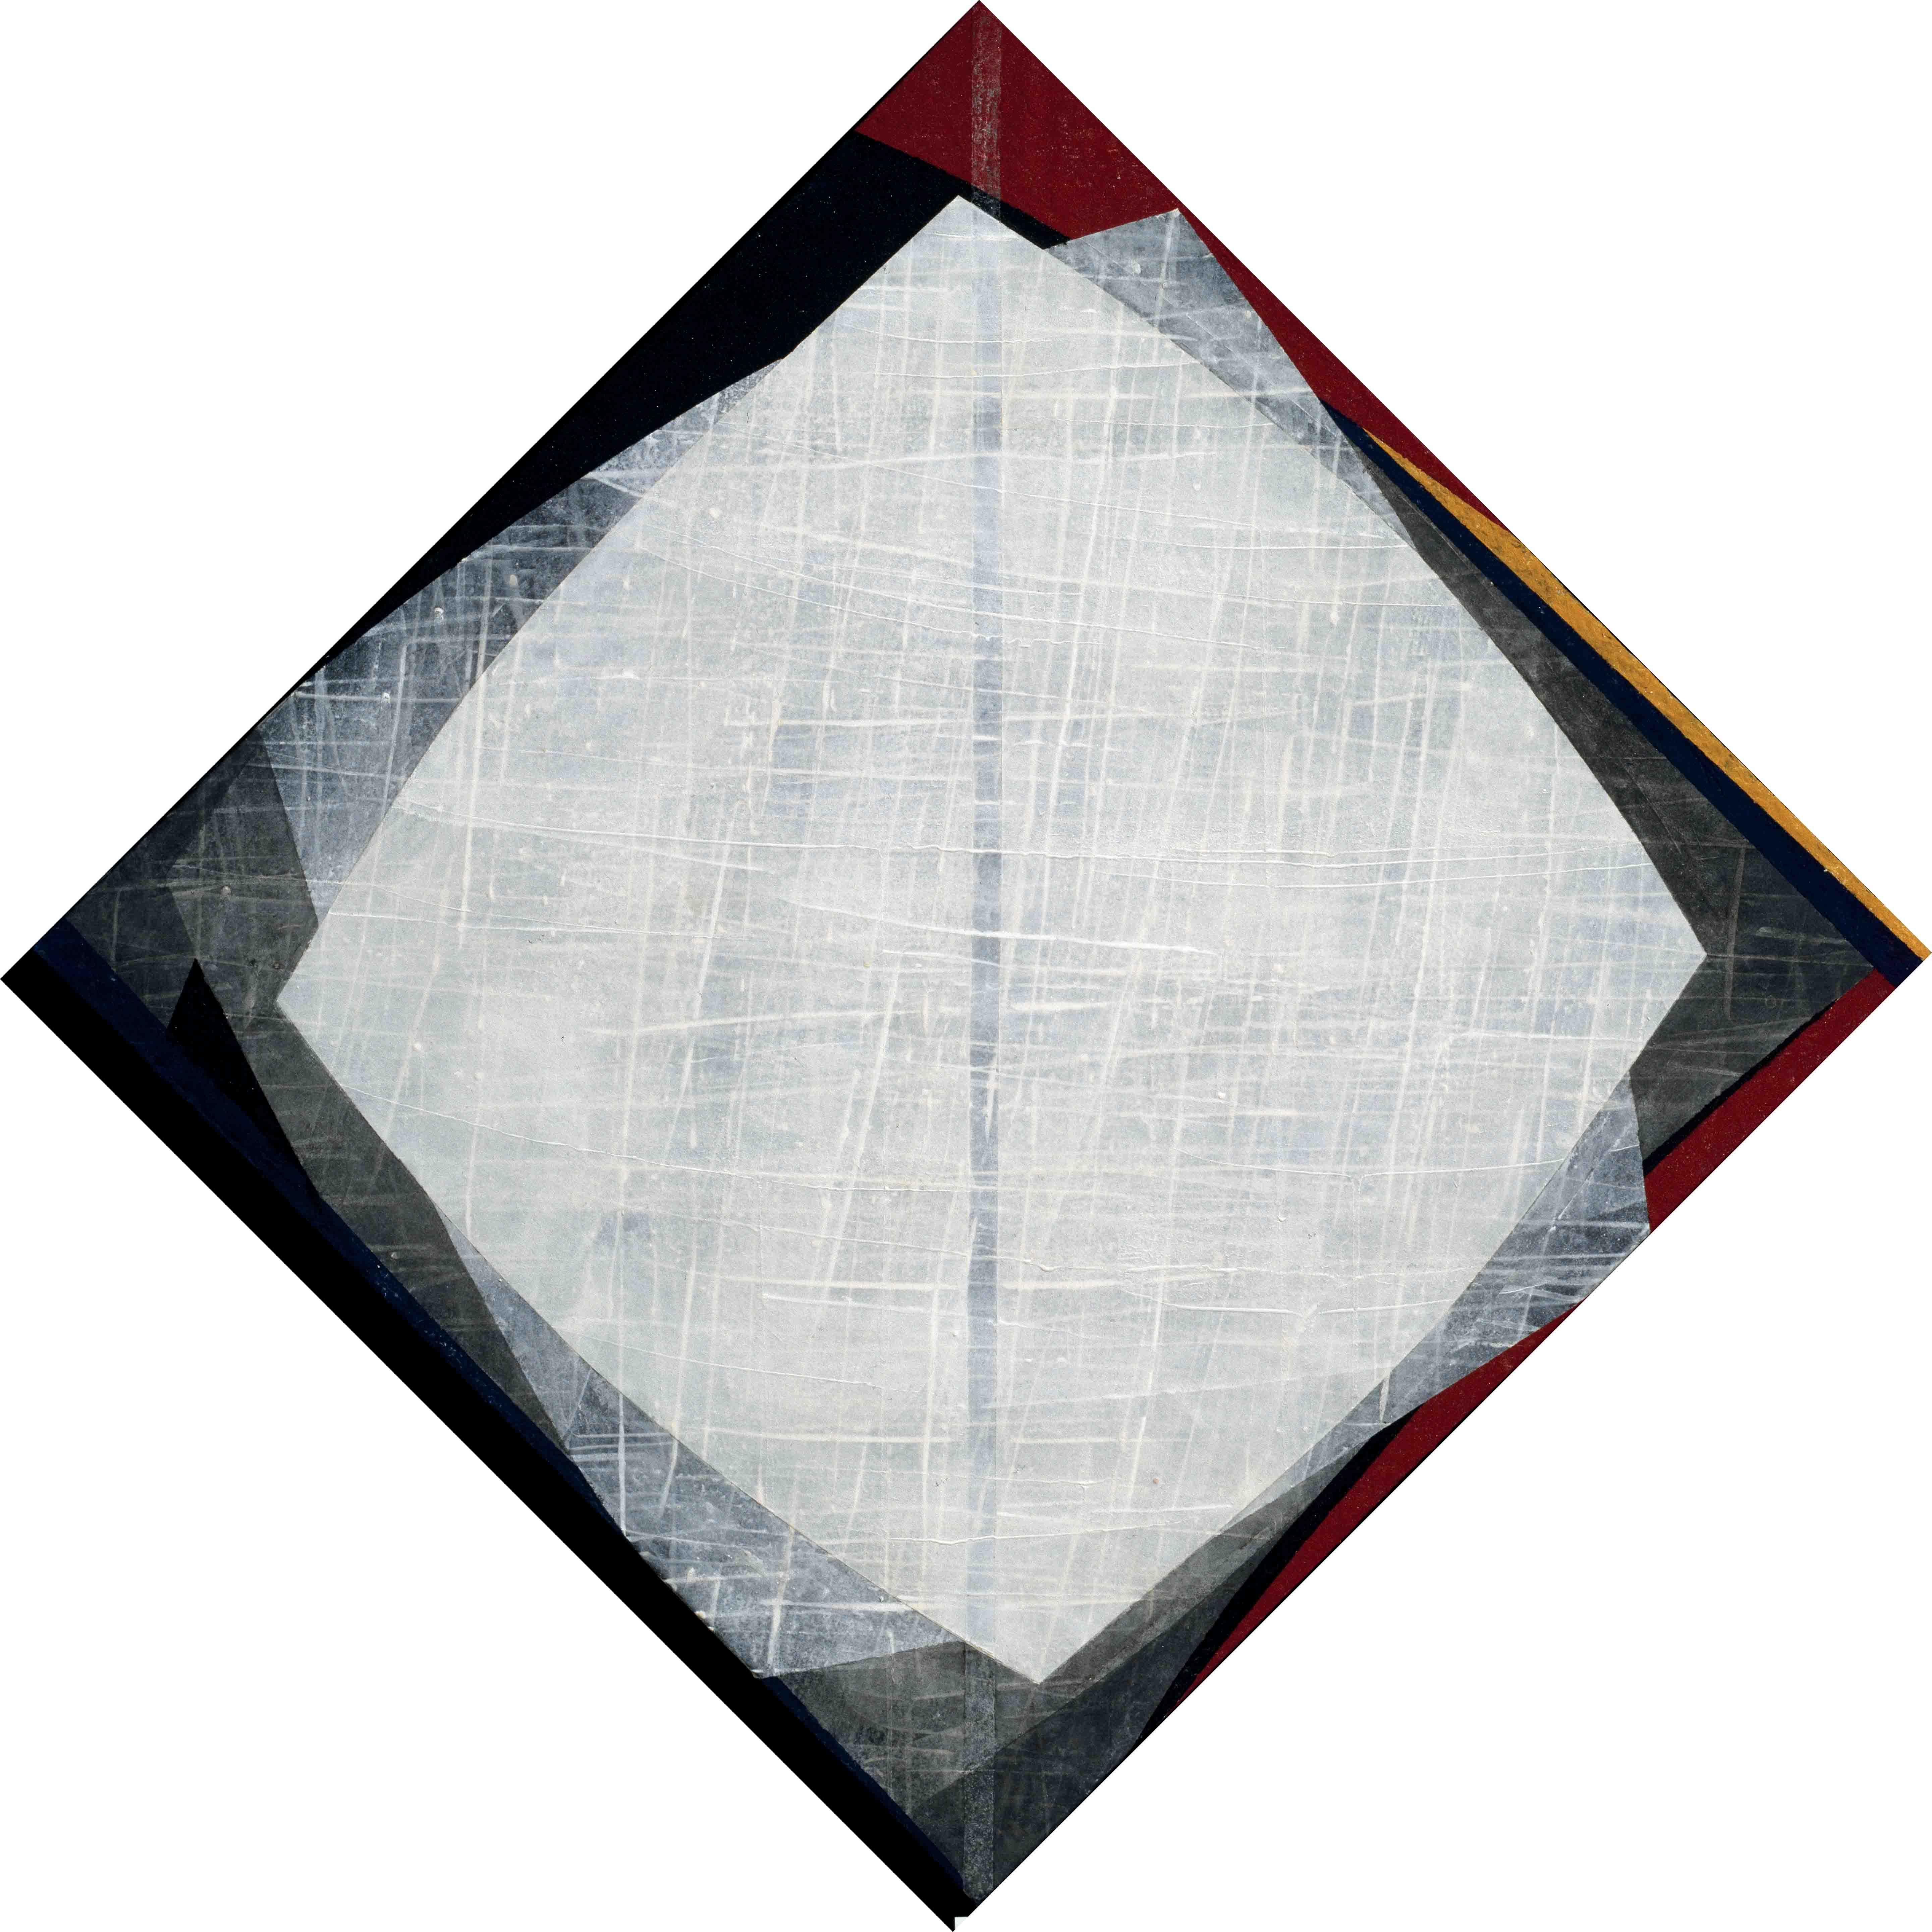 결, 84×84cm  한지,먹,석채,2006